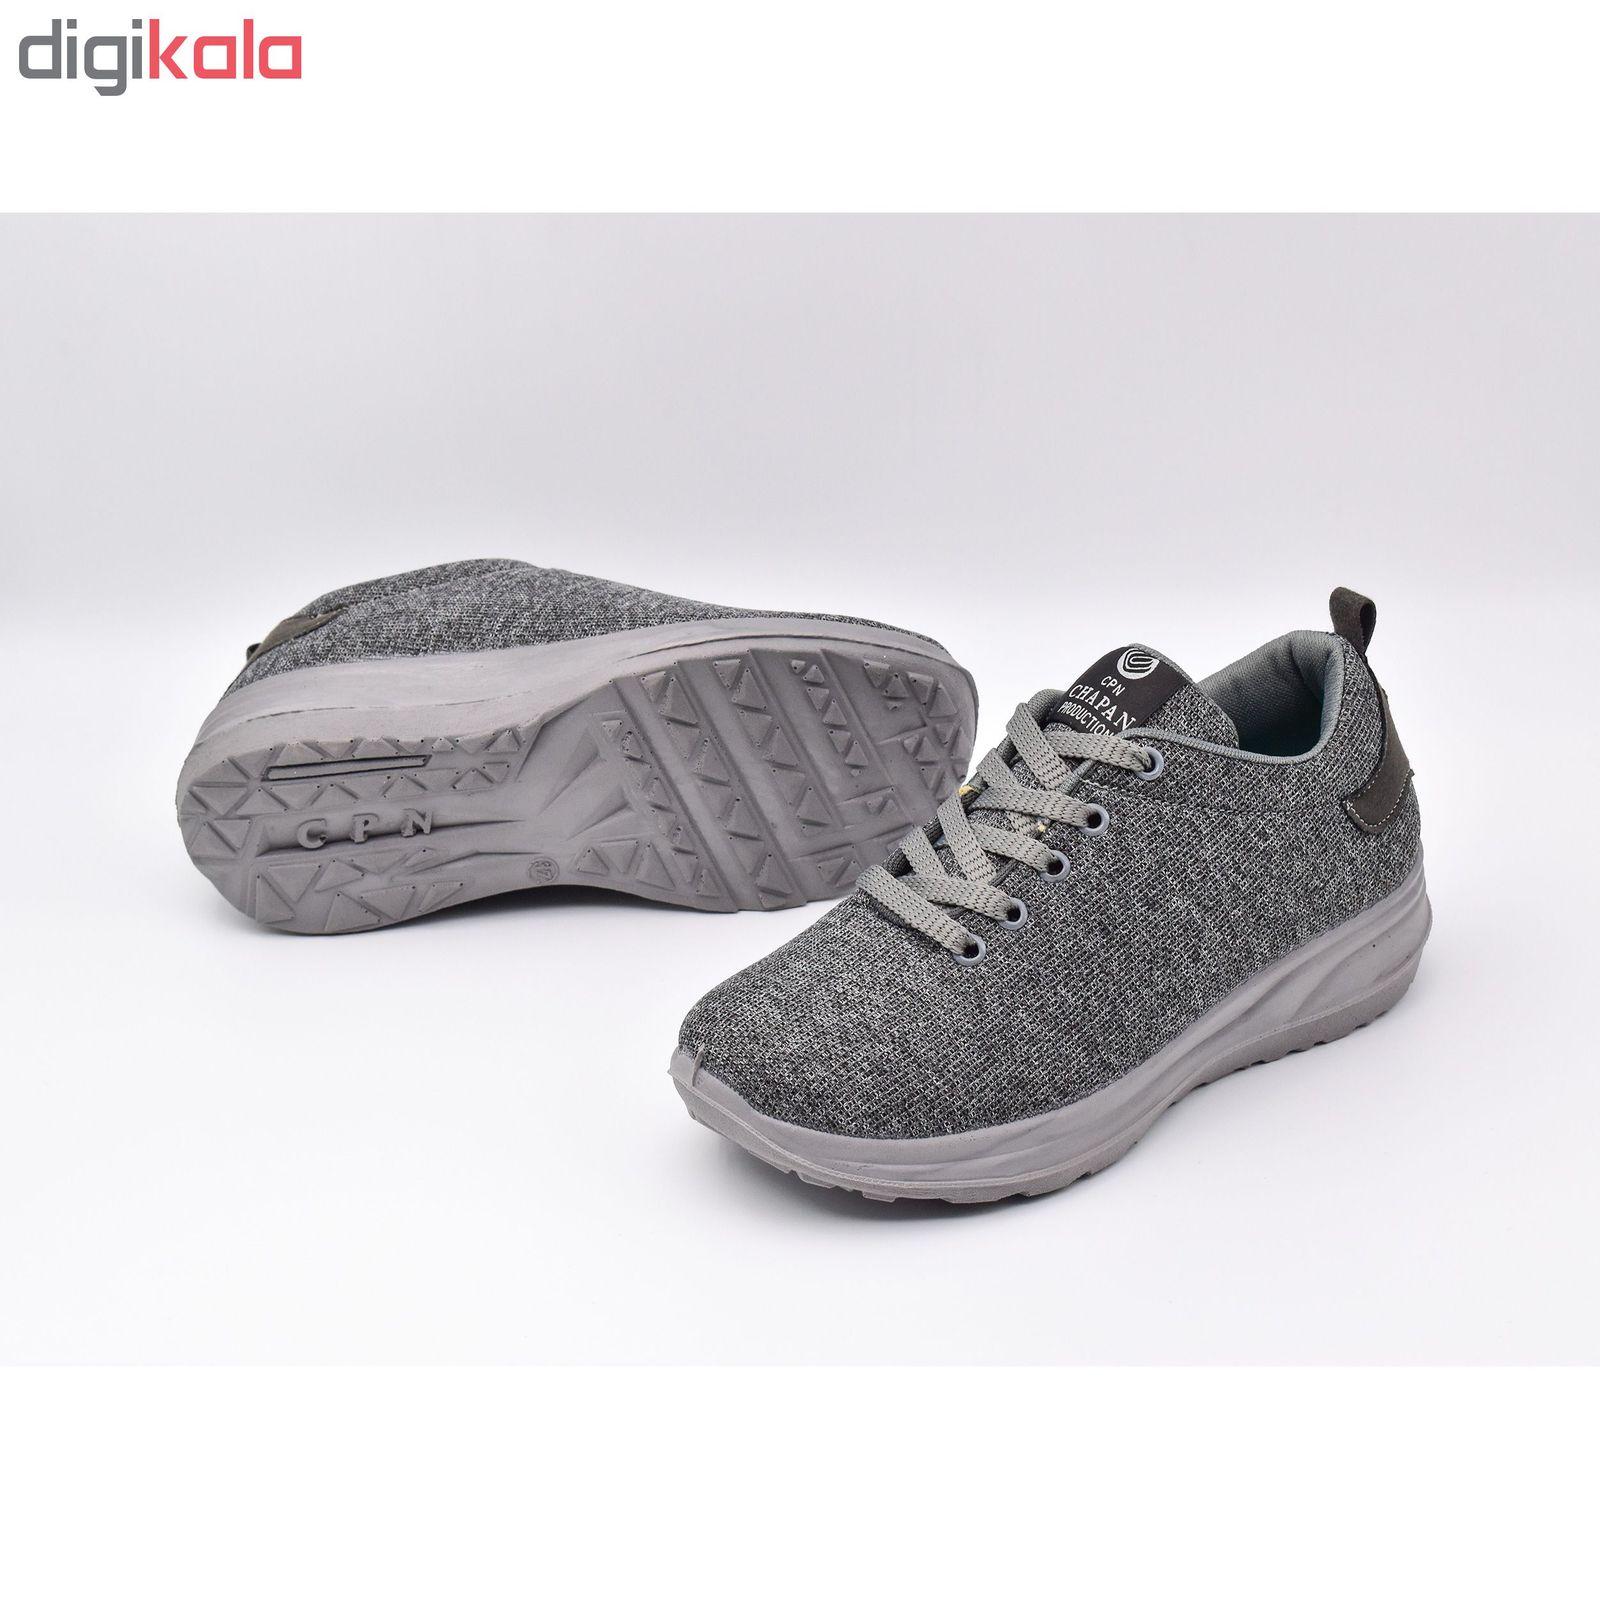 کفش مخصوص پیاده روی زنانه سی پی ان طرح چپان کد 5679 main 1 3